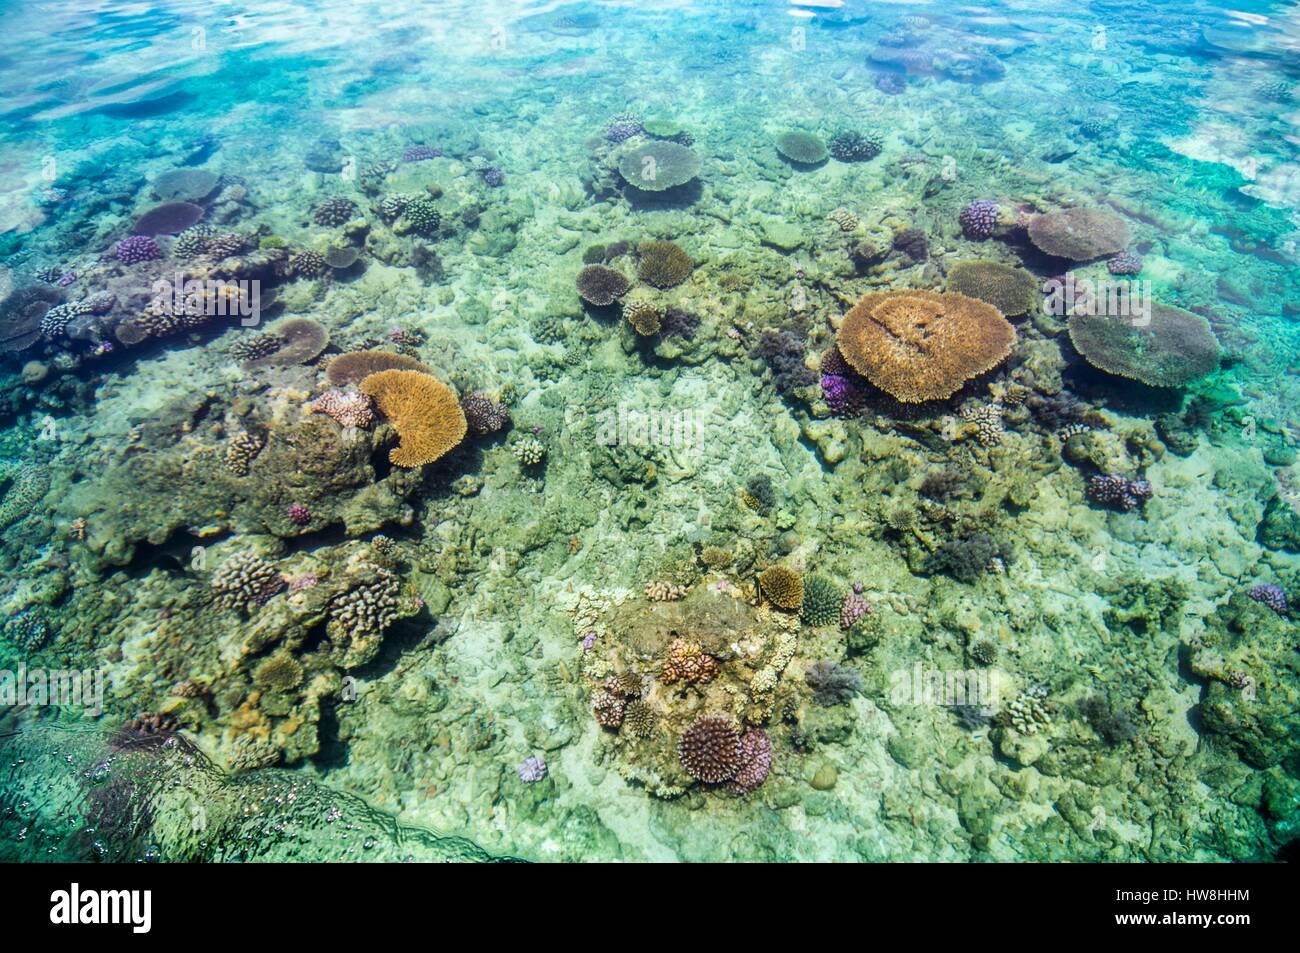 Risultati immagini per la barriera corallina di mayotte immagini?